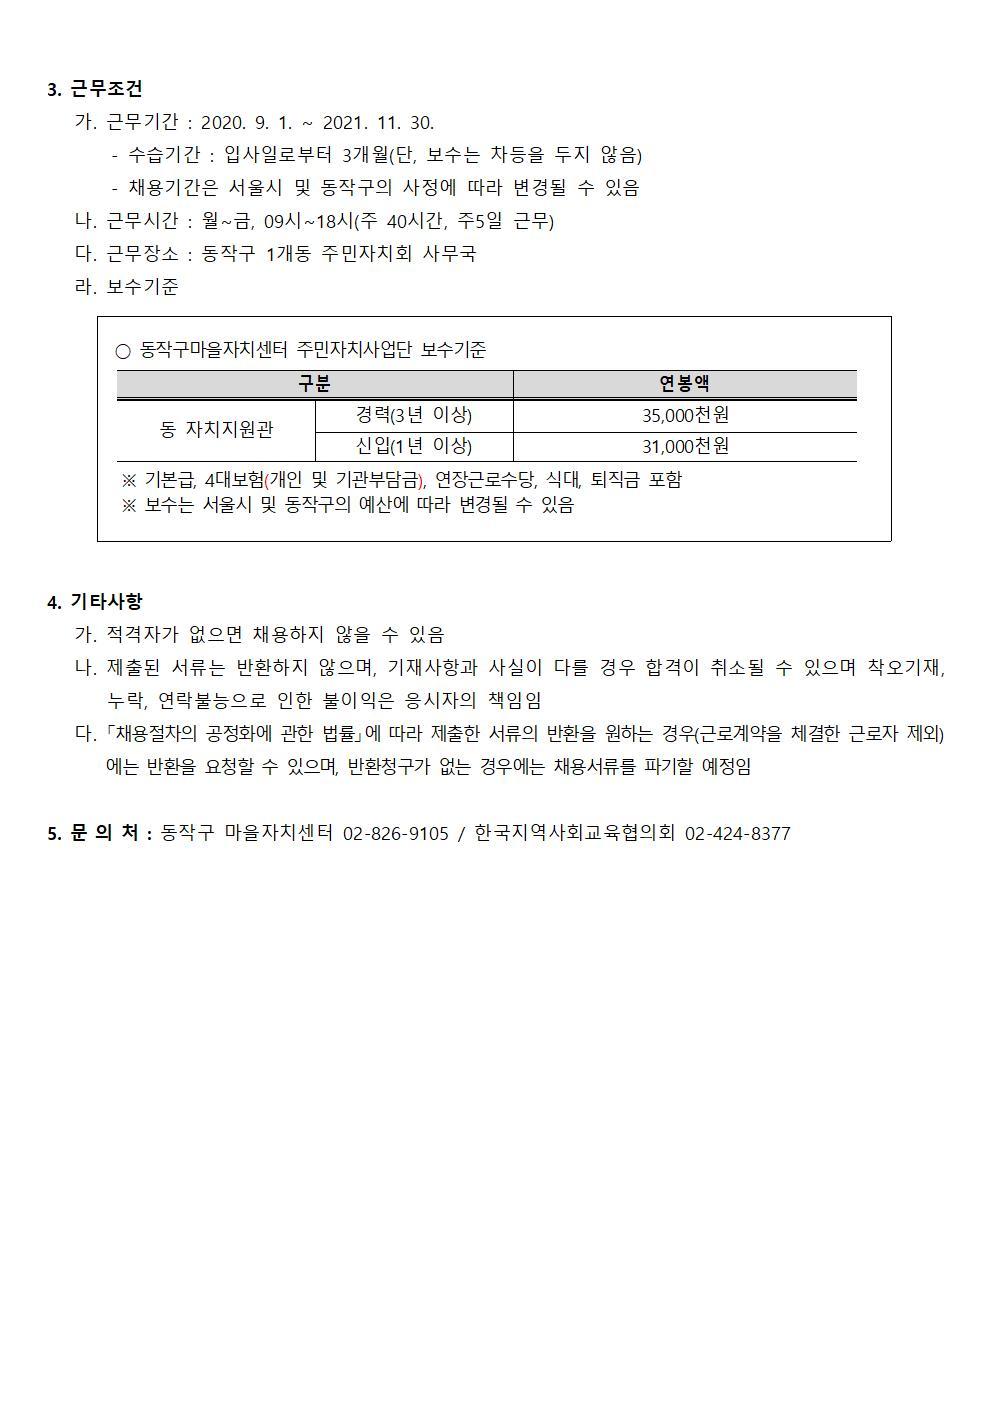 (공문 동작구청 2020-032) 붙임2002.jpg